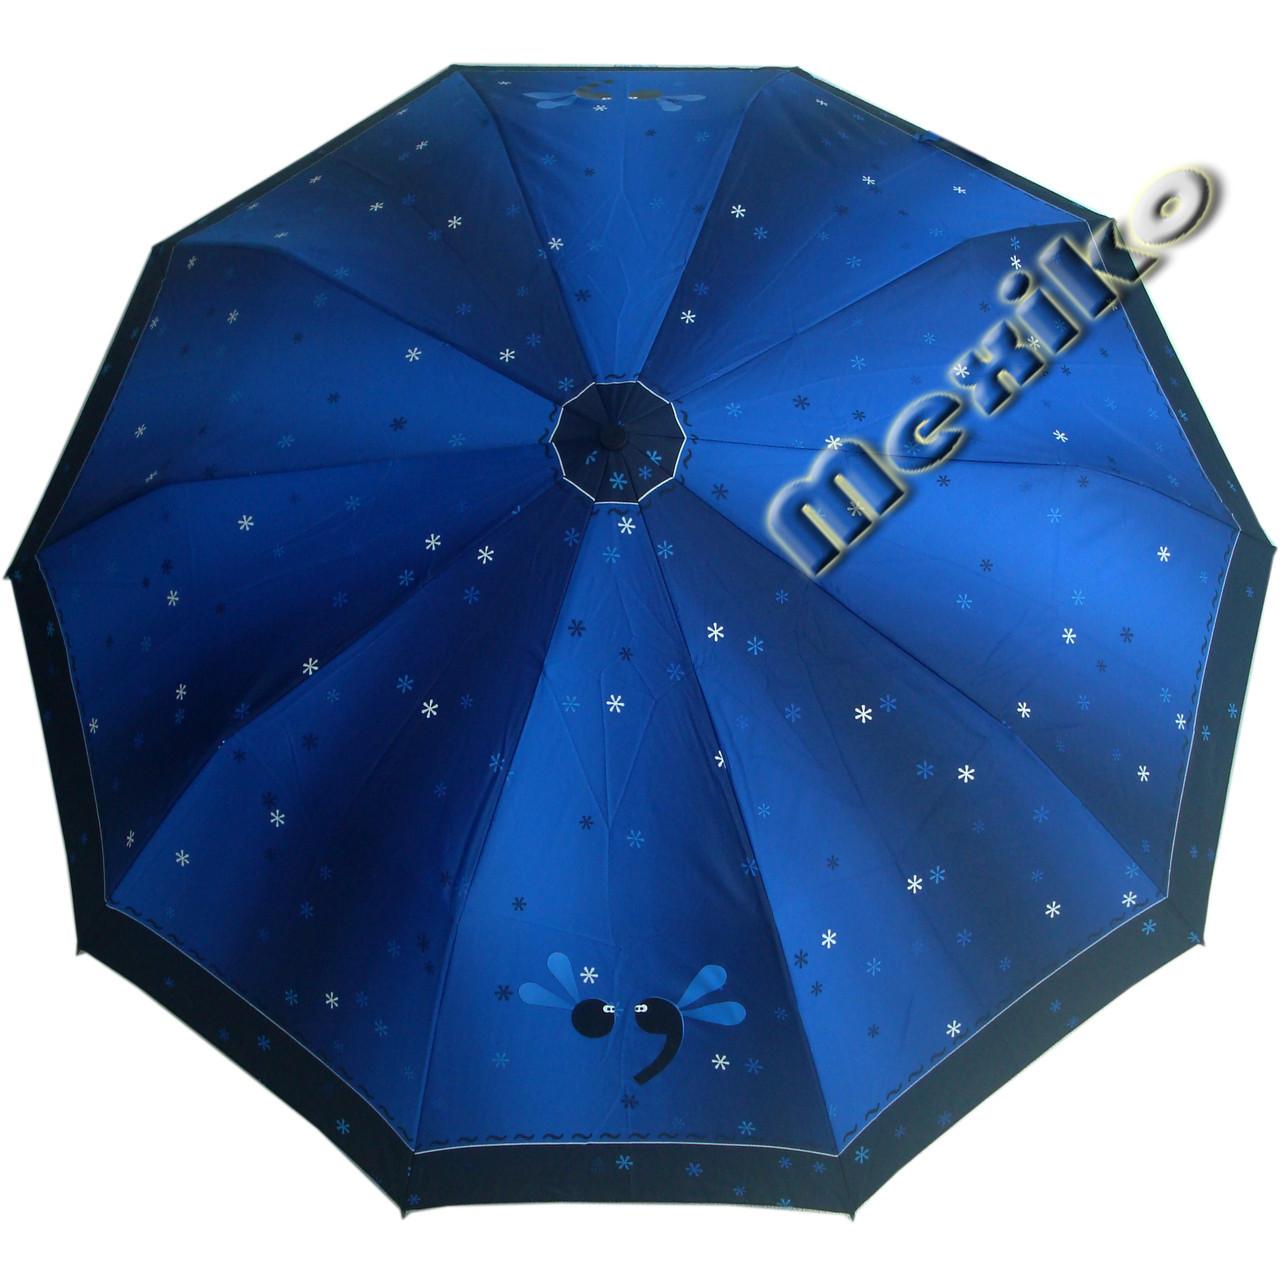 Зонт ZEST, полуавтомат серия 10 спиц, расцветка Точка с запятой